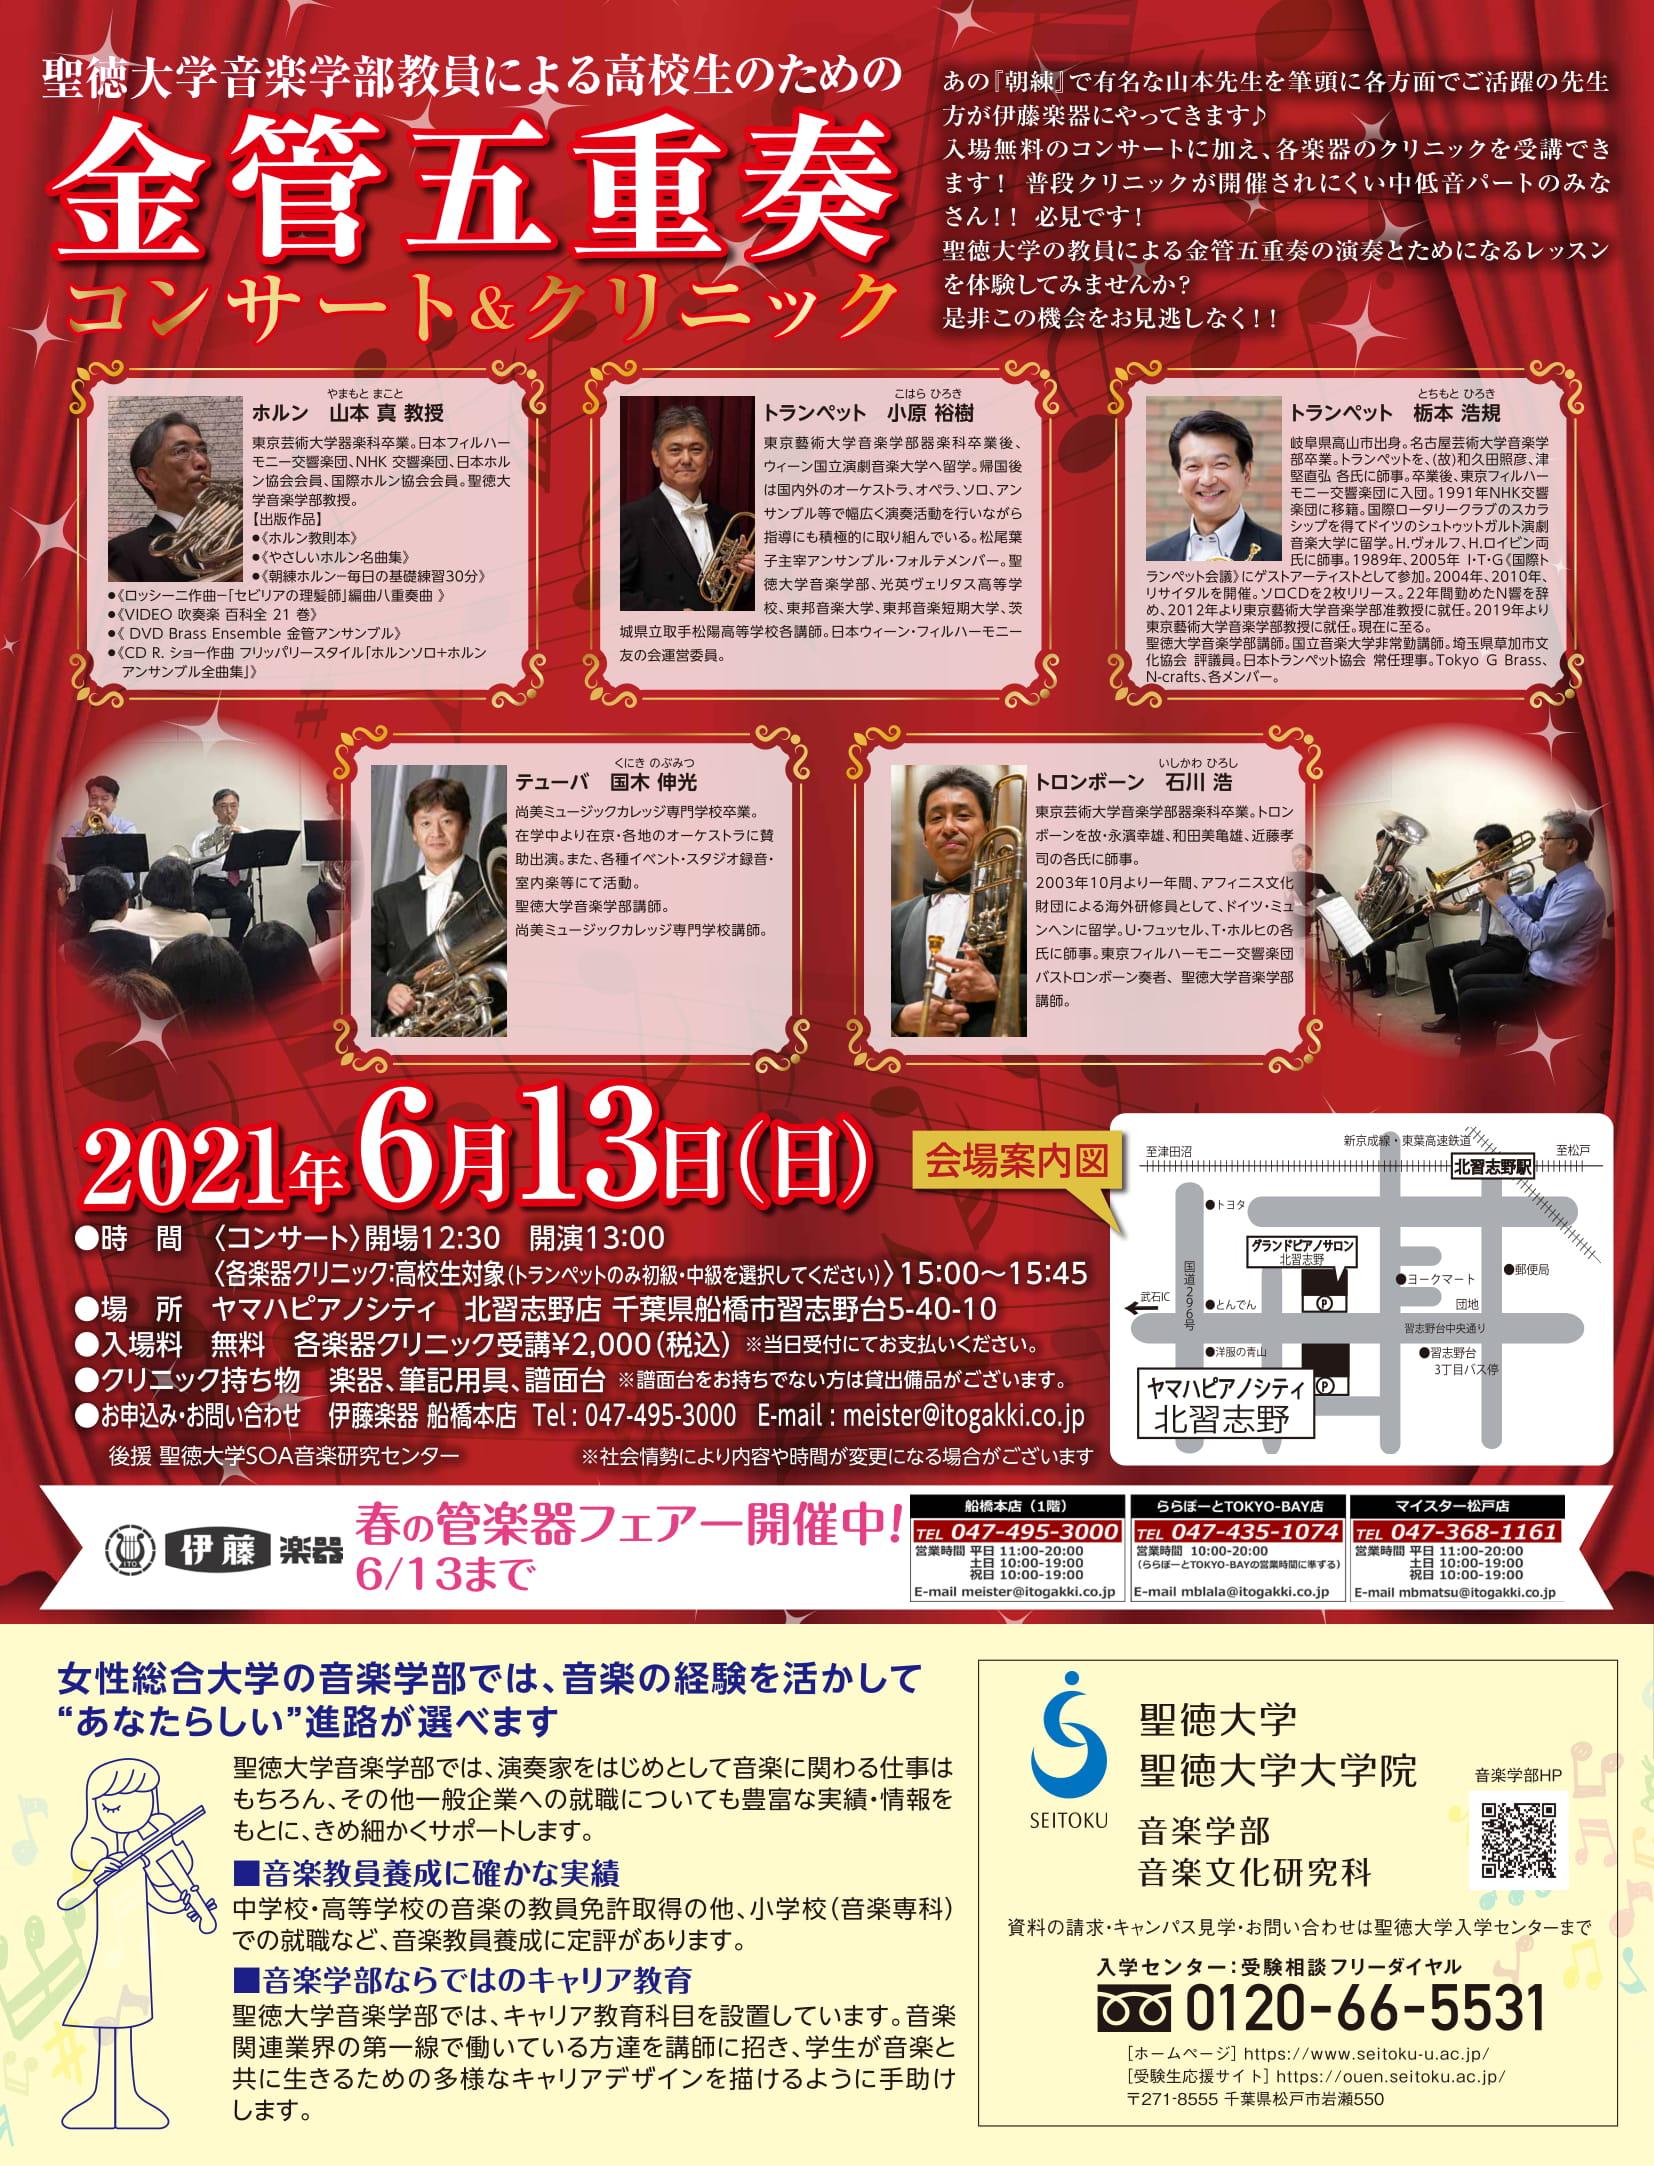 6/13(日)、「金管五重奏 コンサート&クリニック」を行います